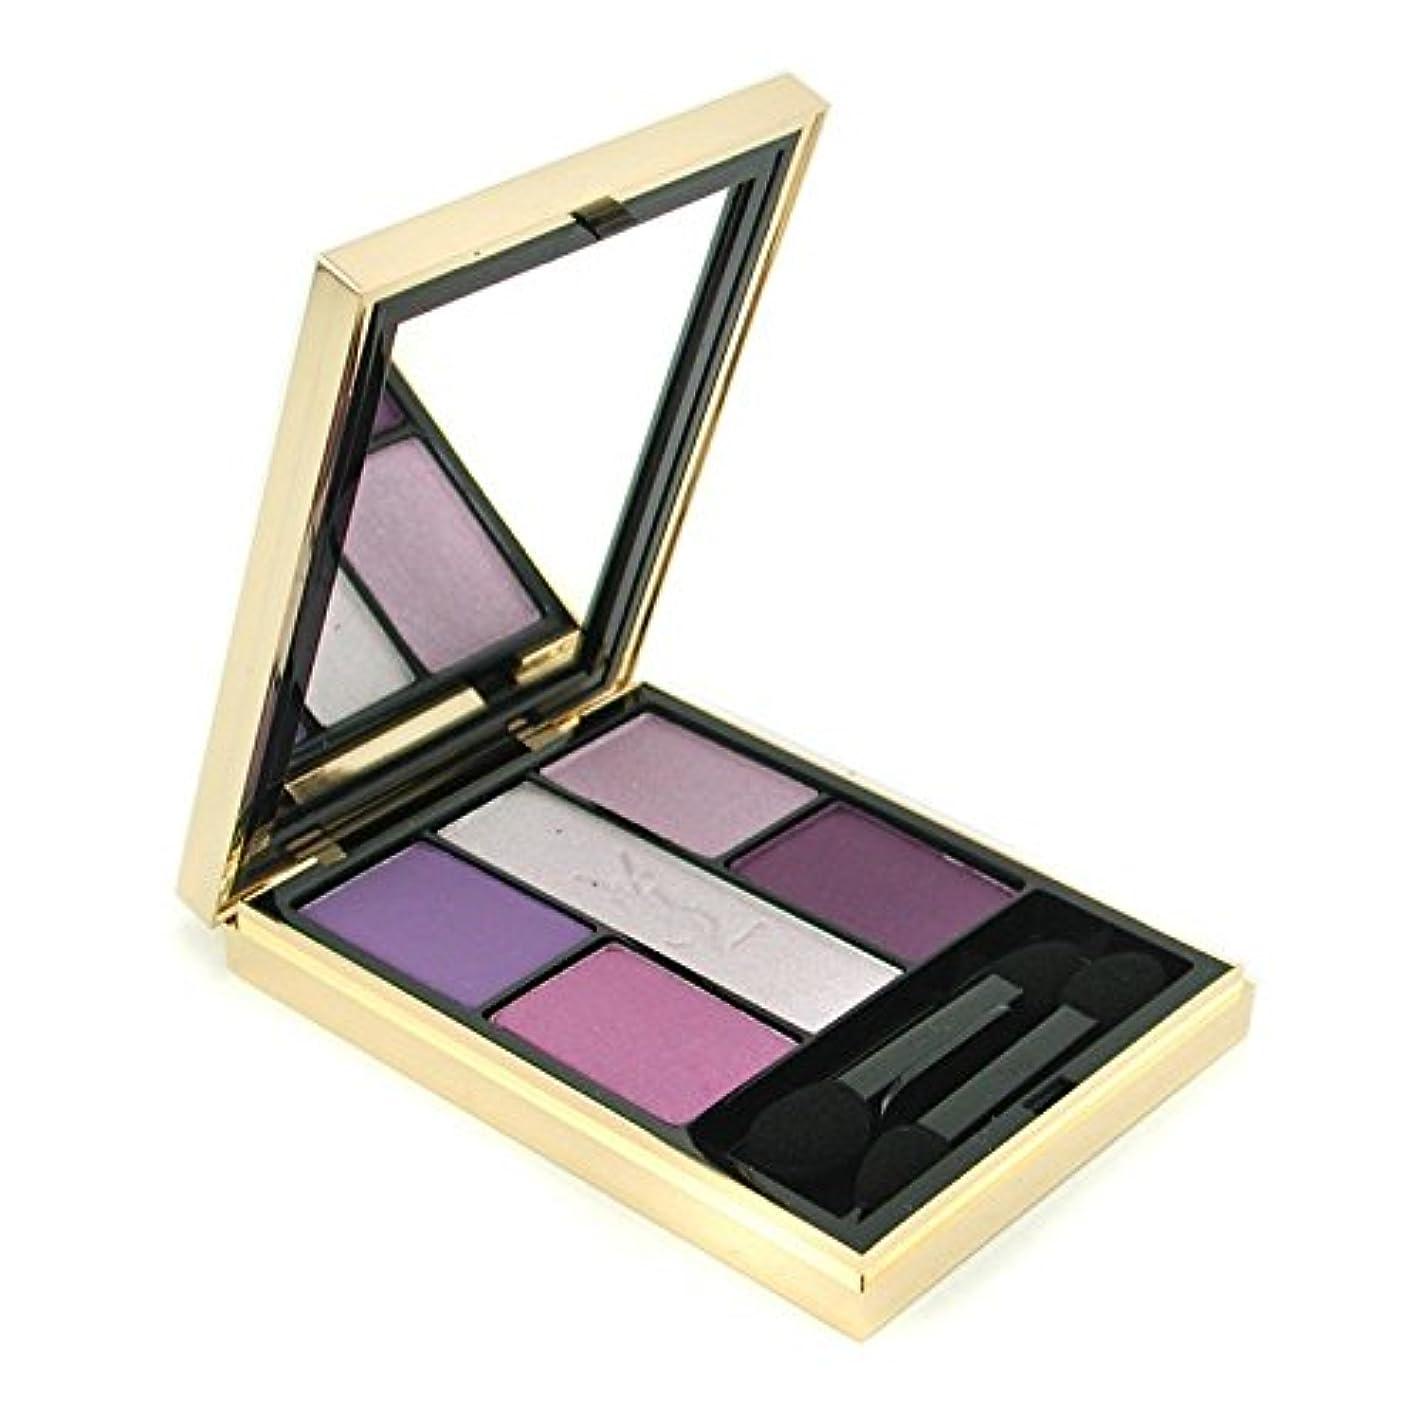 一過性にんじん憂鬱なイヴサンローラン オンブル サンク ルミエール - No. 04 Lilac Sky 8.5g/0.29oz並行輸入品